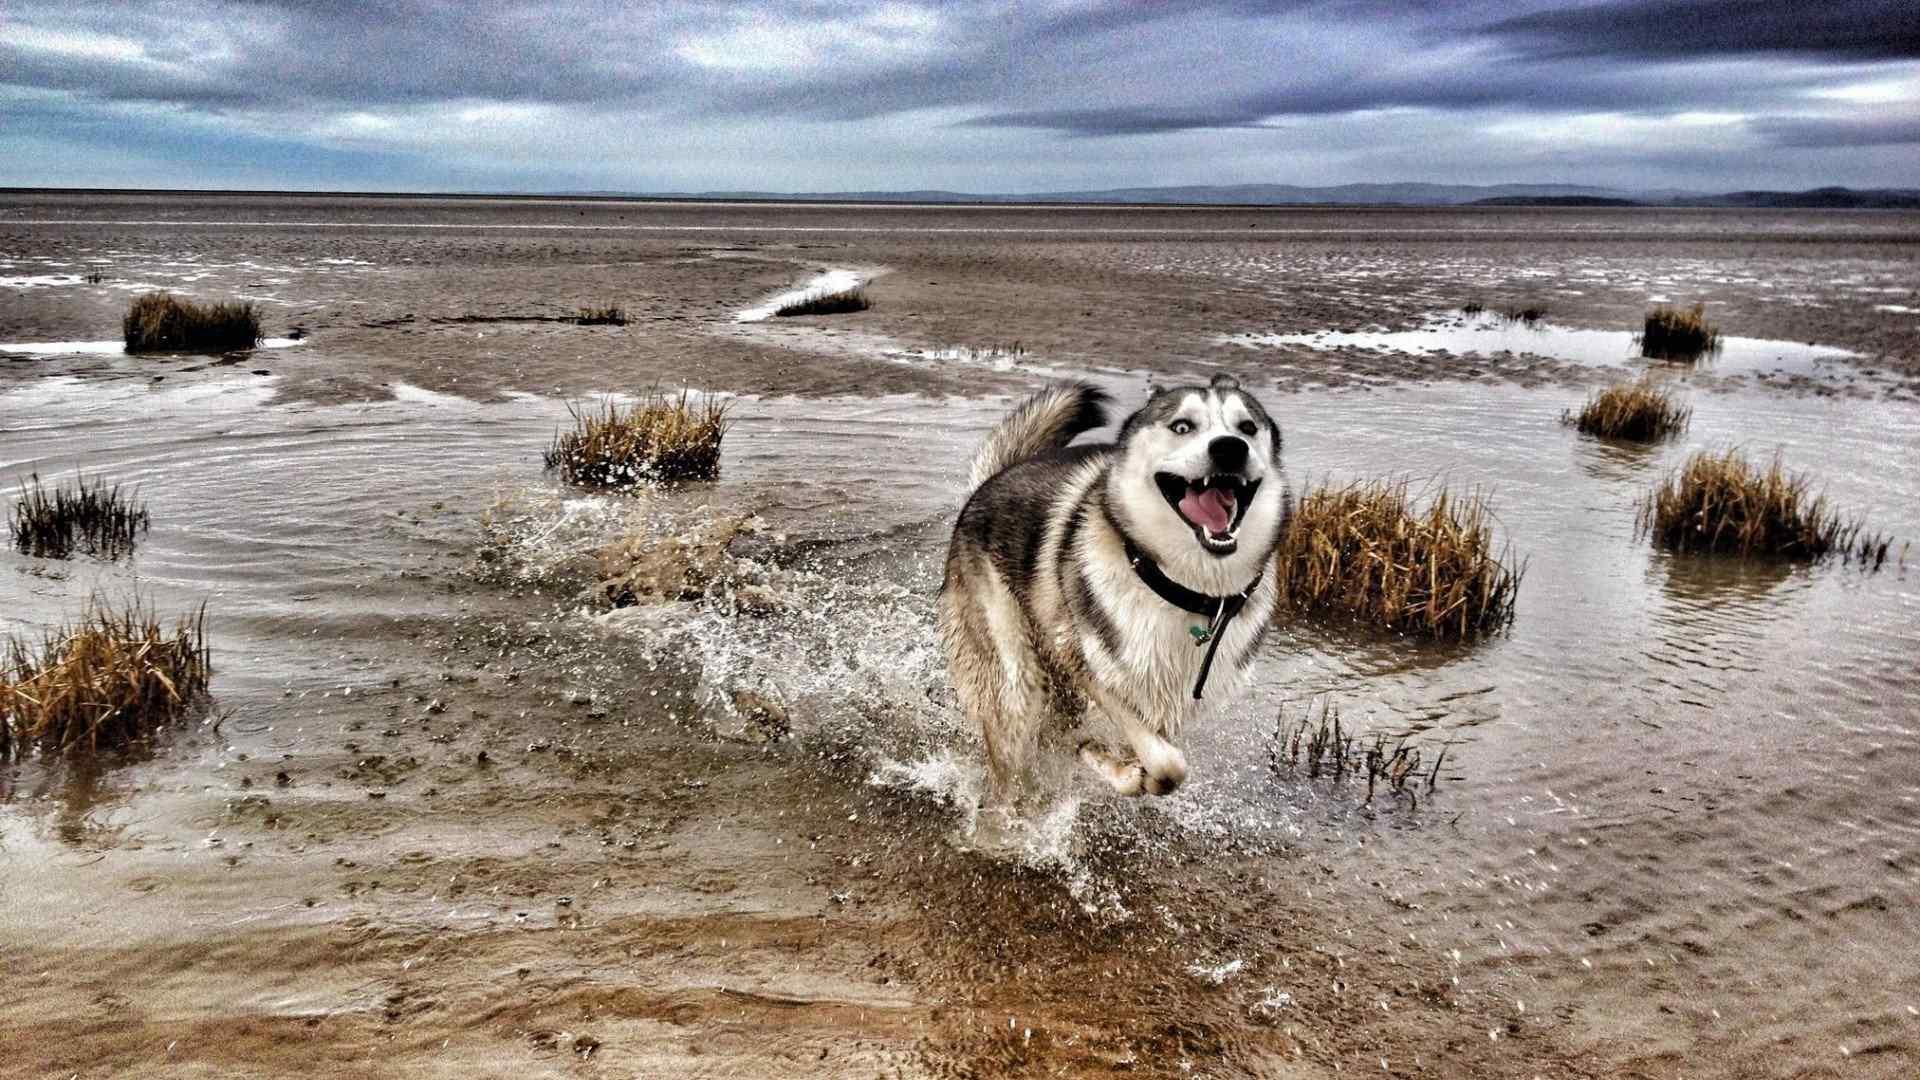 哈士奇海边疯跑搞笑表情高清壁纸